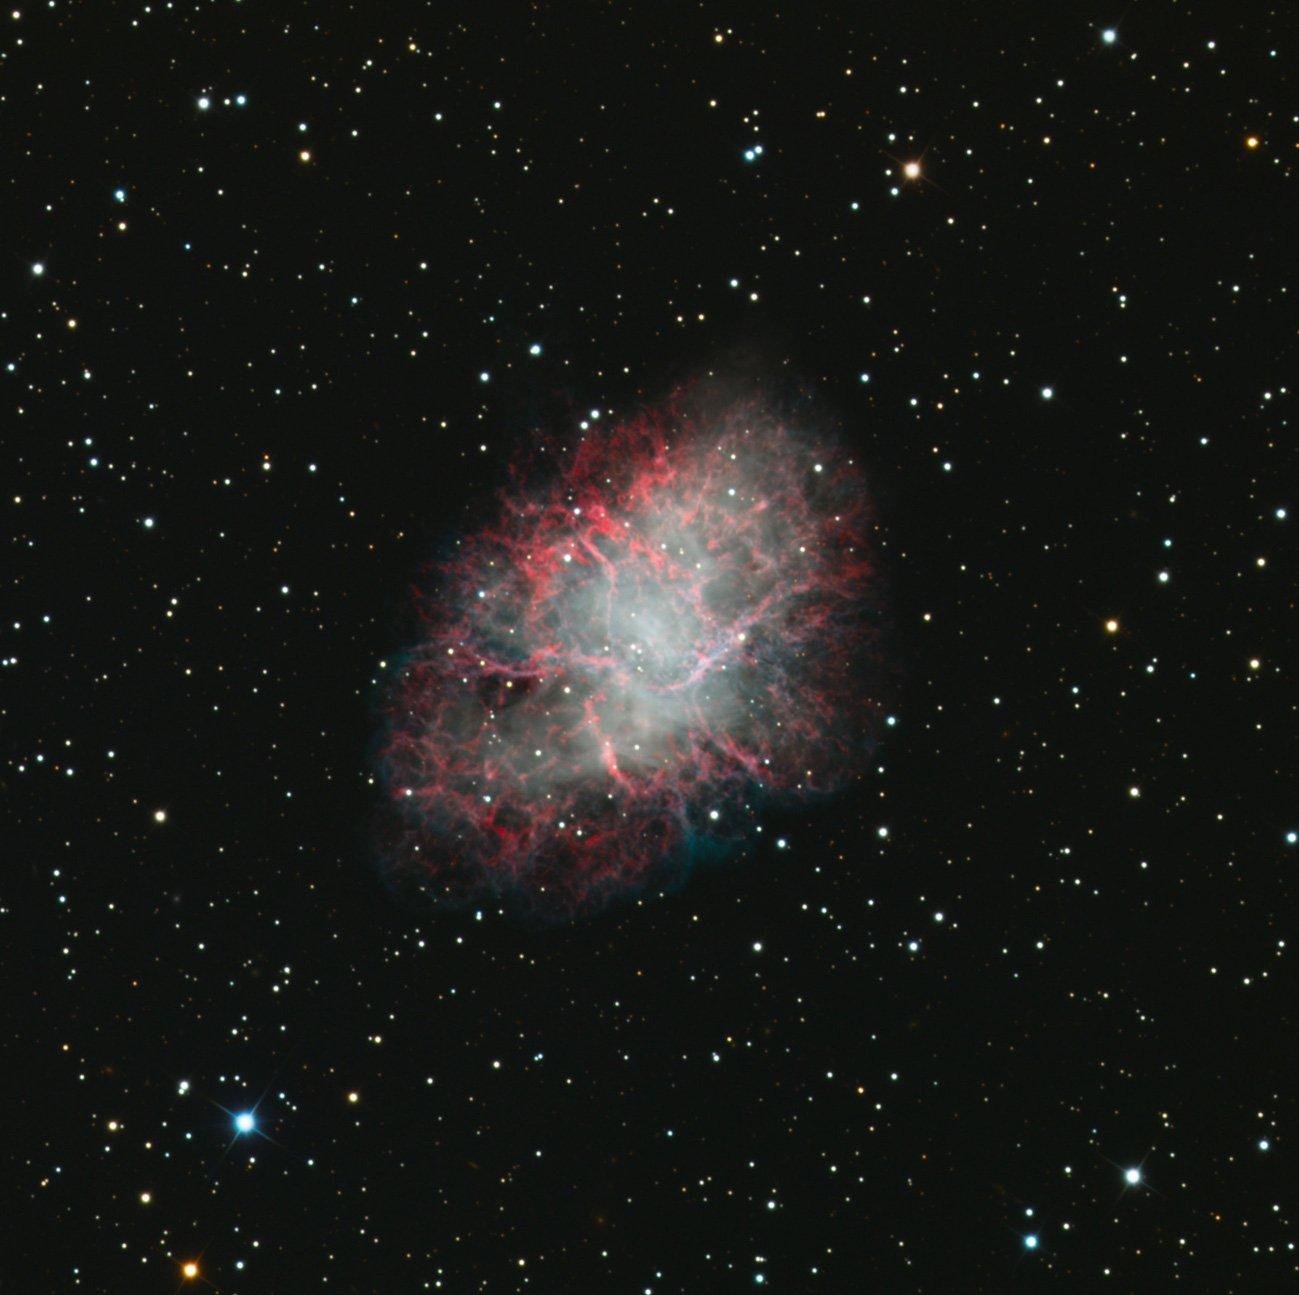 Il resto di supernova M1, Crab Nebula, un oggetto relativamente giovane e ancora compatto. Crediti Sid Leach